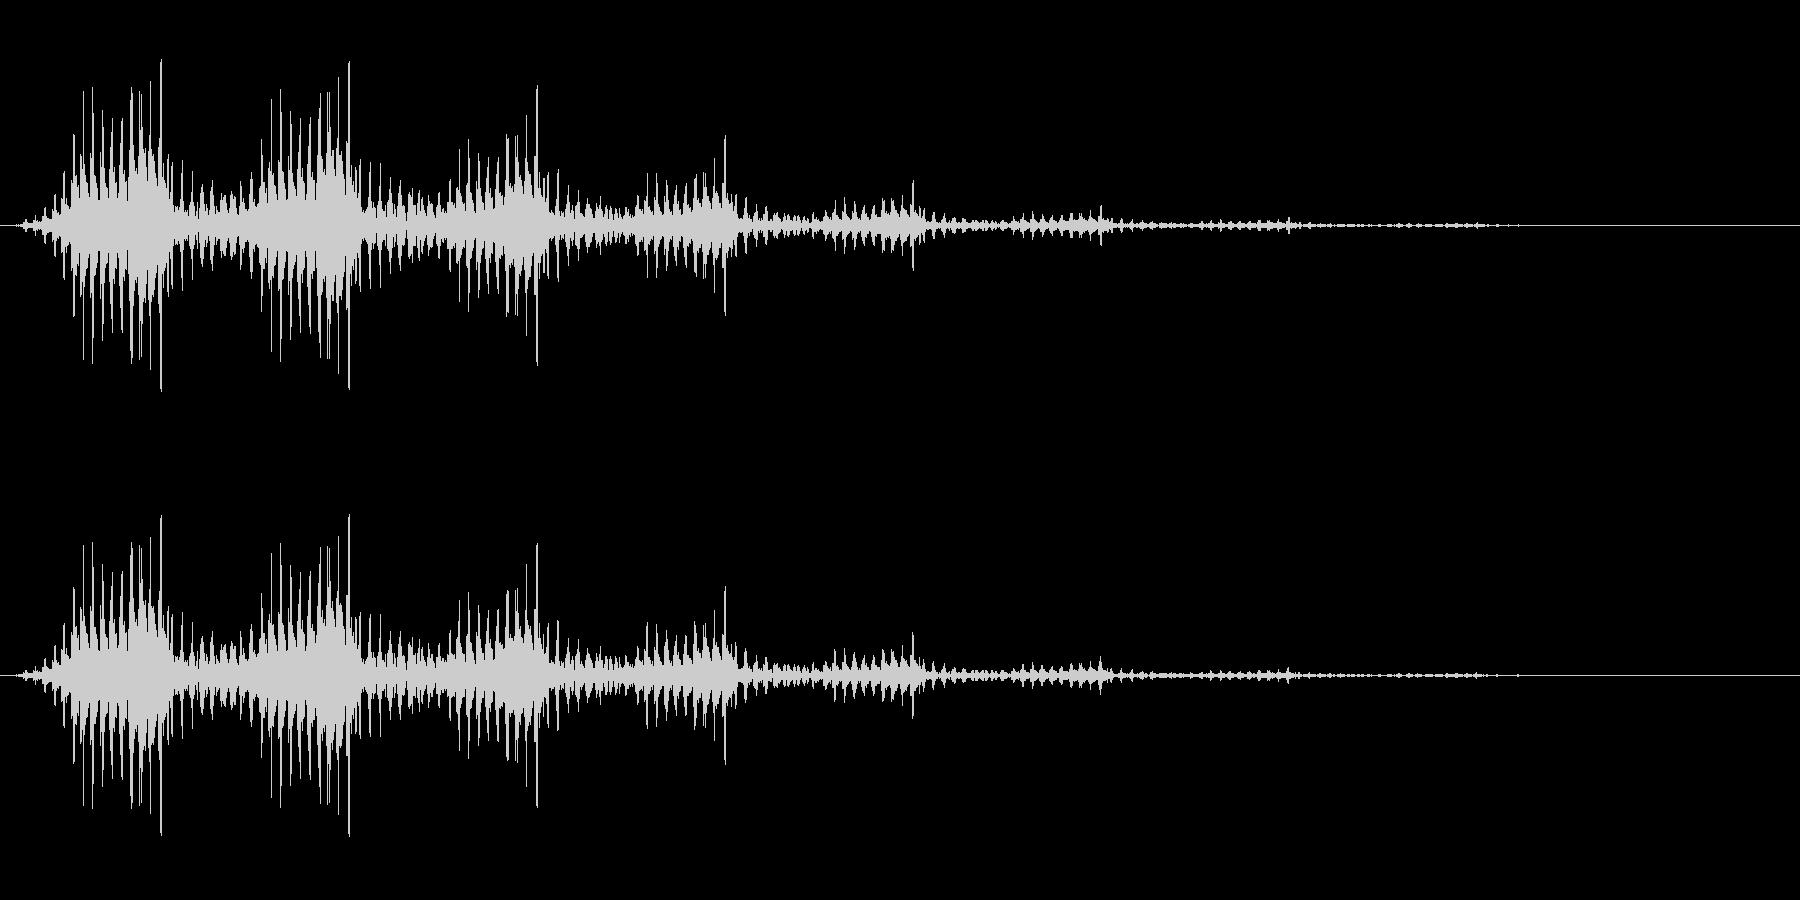 ブワワワワワァ〜ン(登場・退場のシーン)の未再生の波形